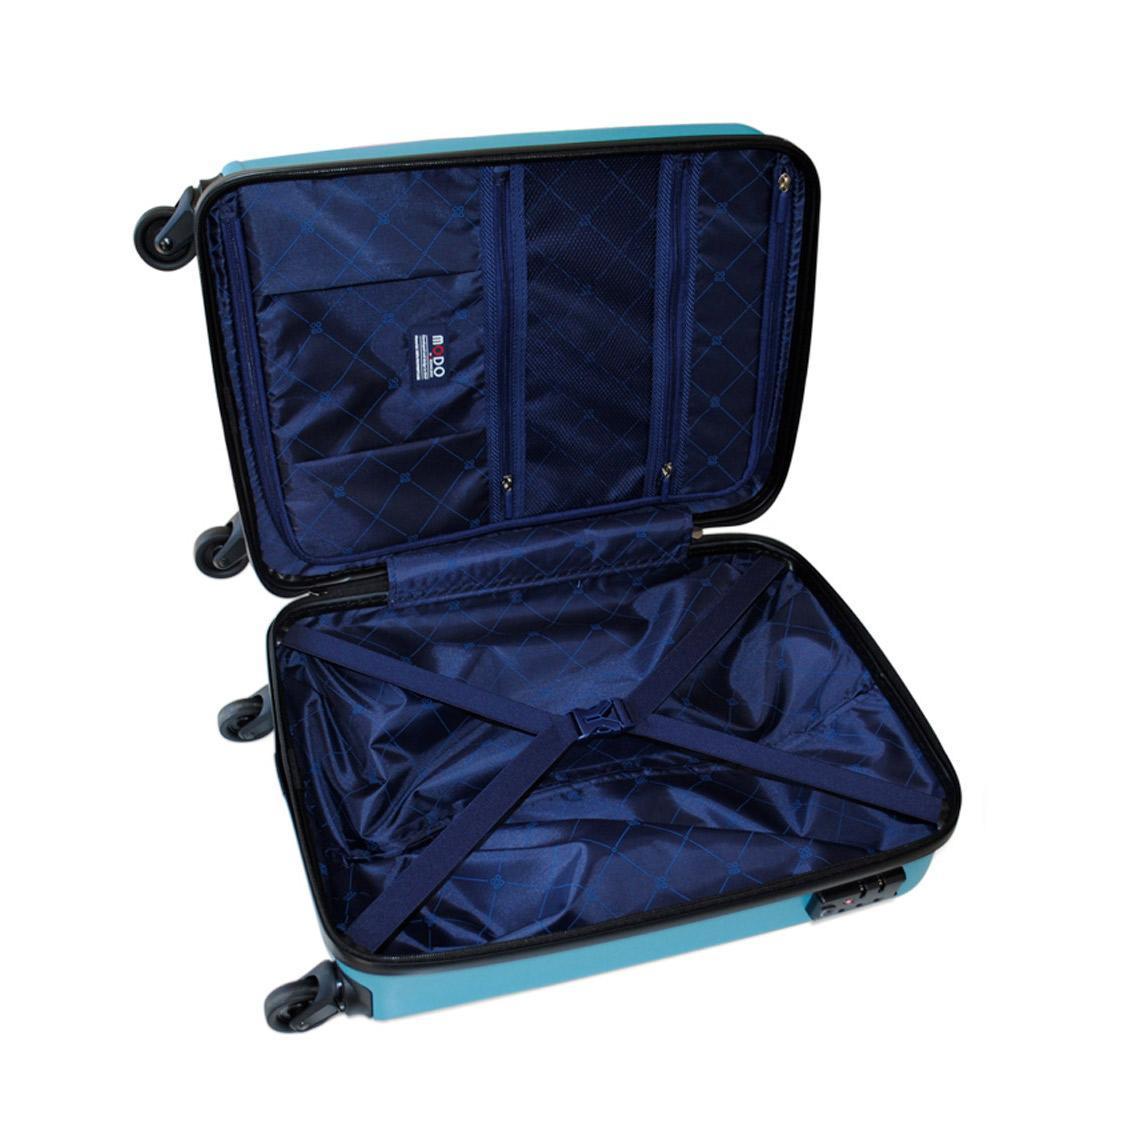 Cabin Luggage  ACQUA BLUE Modo by Roncato